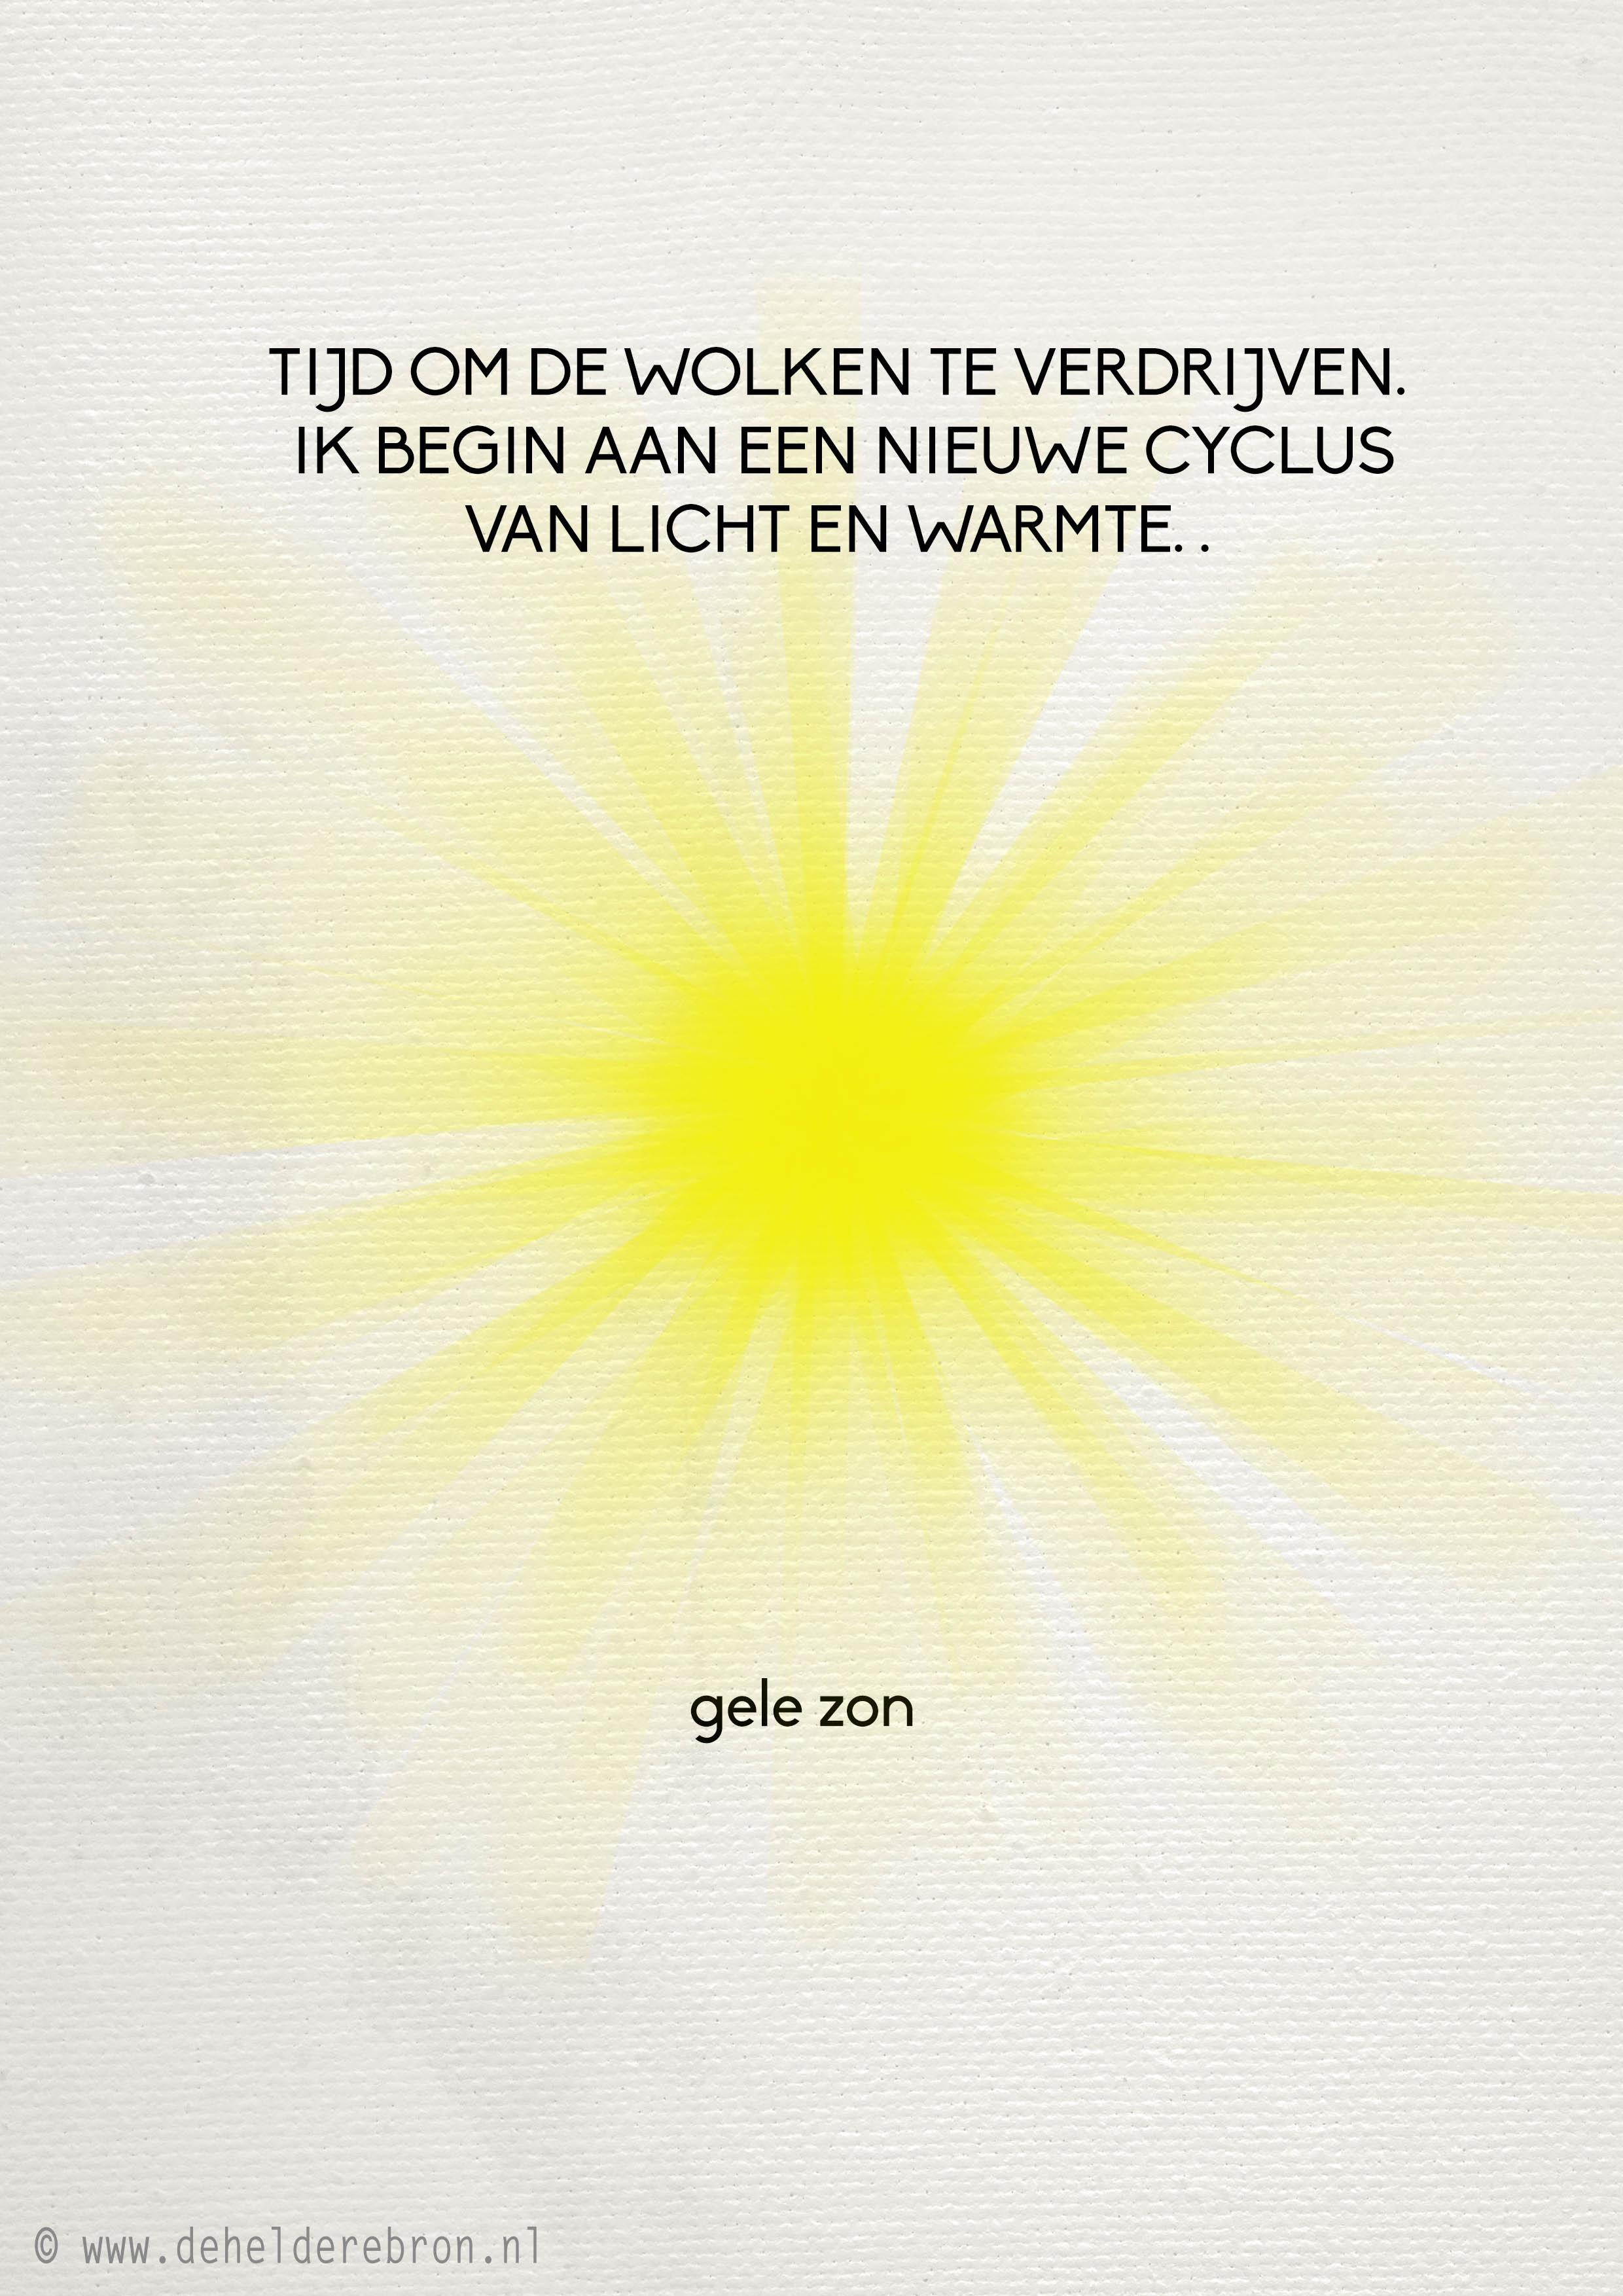 Gele zon pagina 2 de heldere bron - Doek voor de zon ...